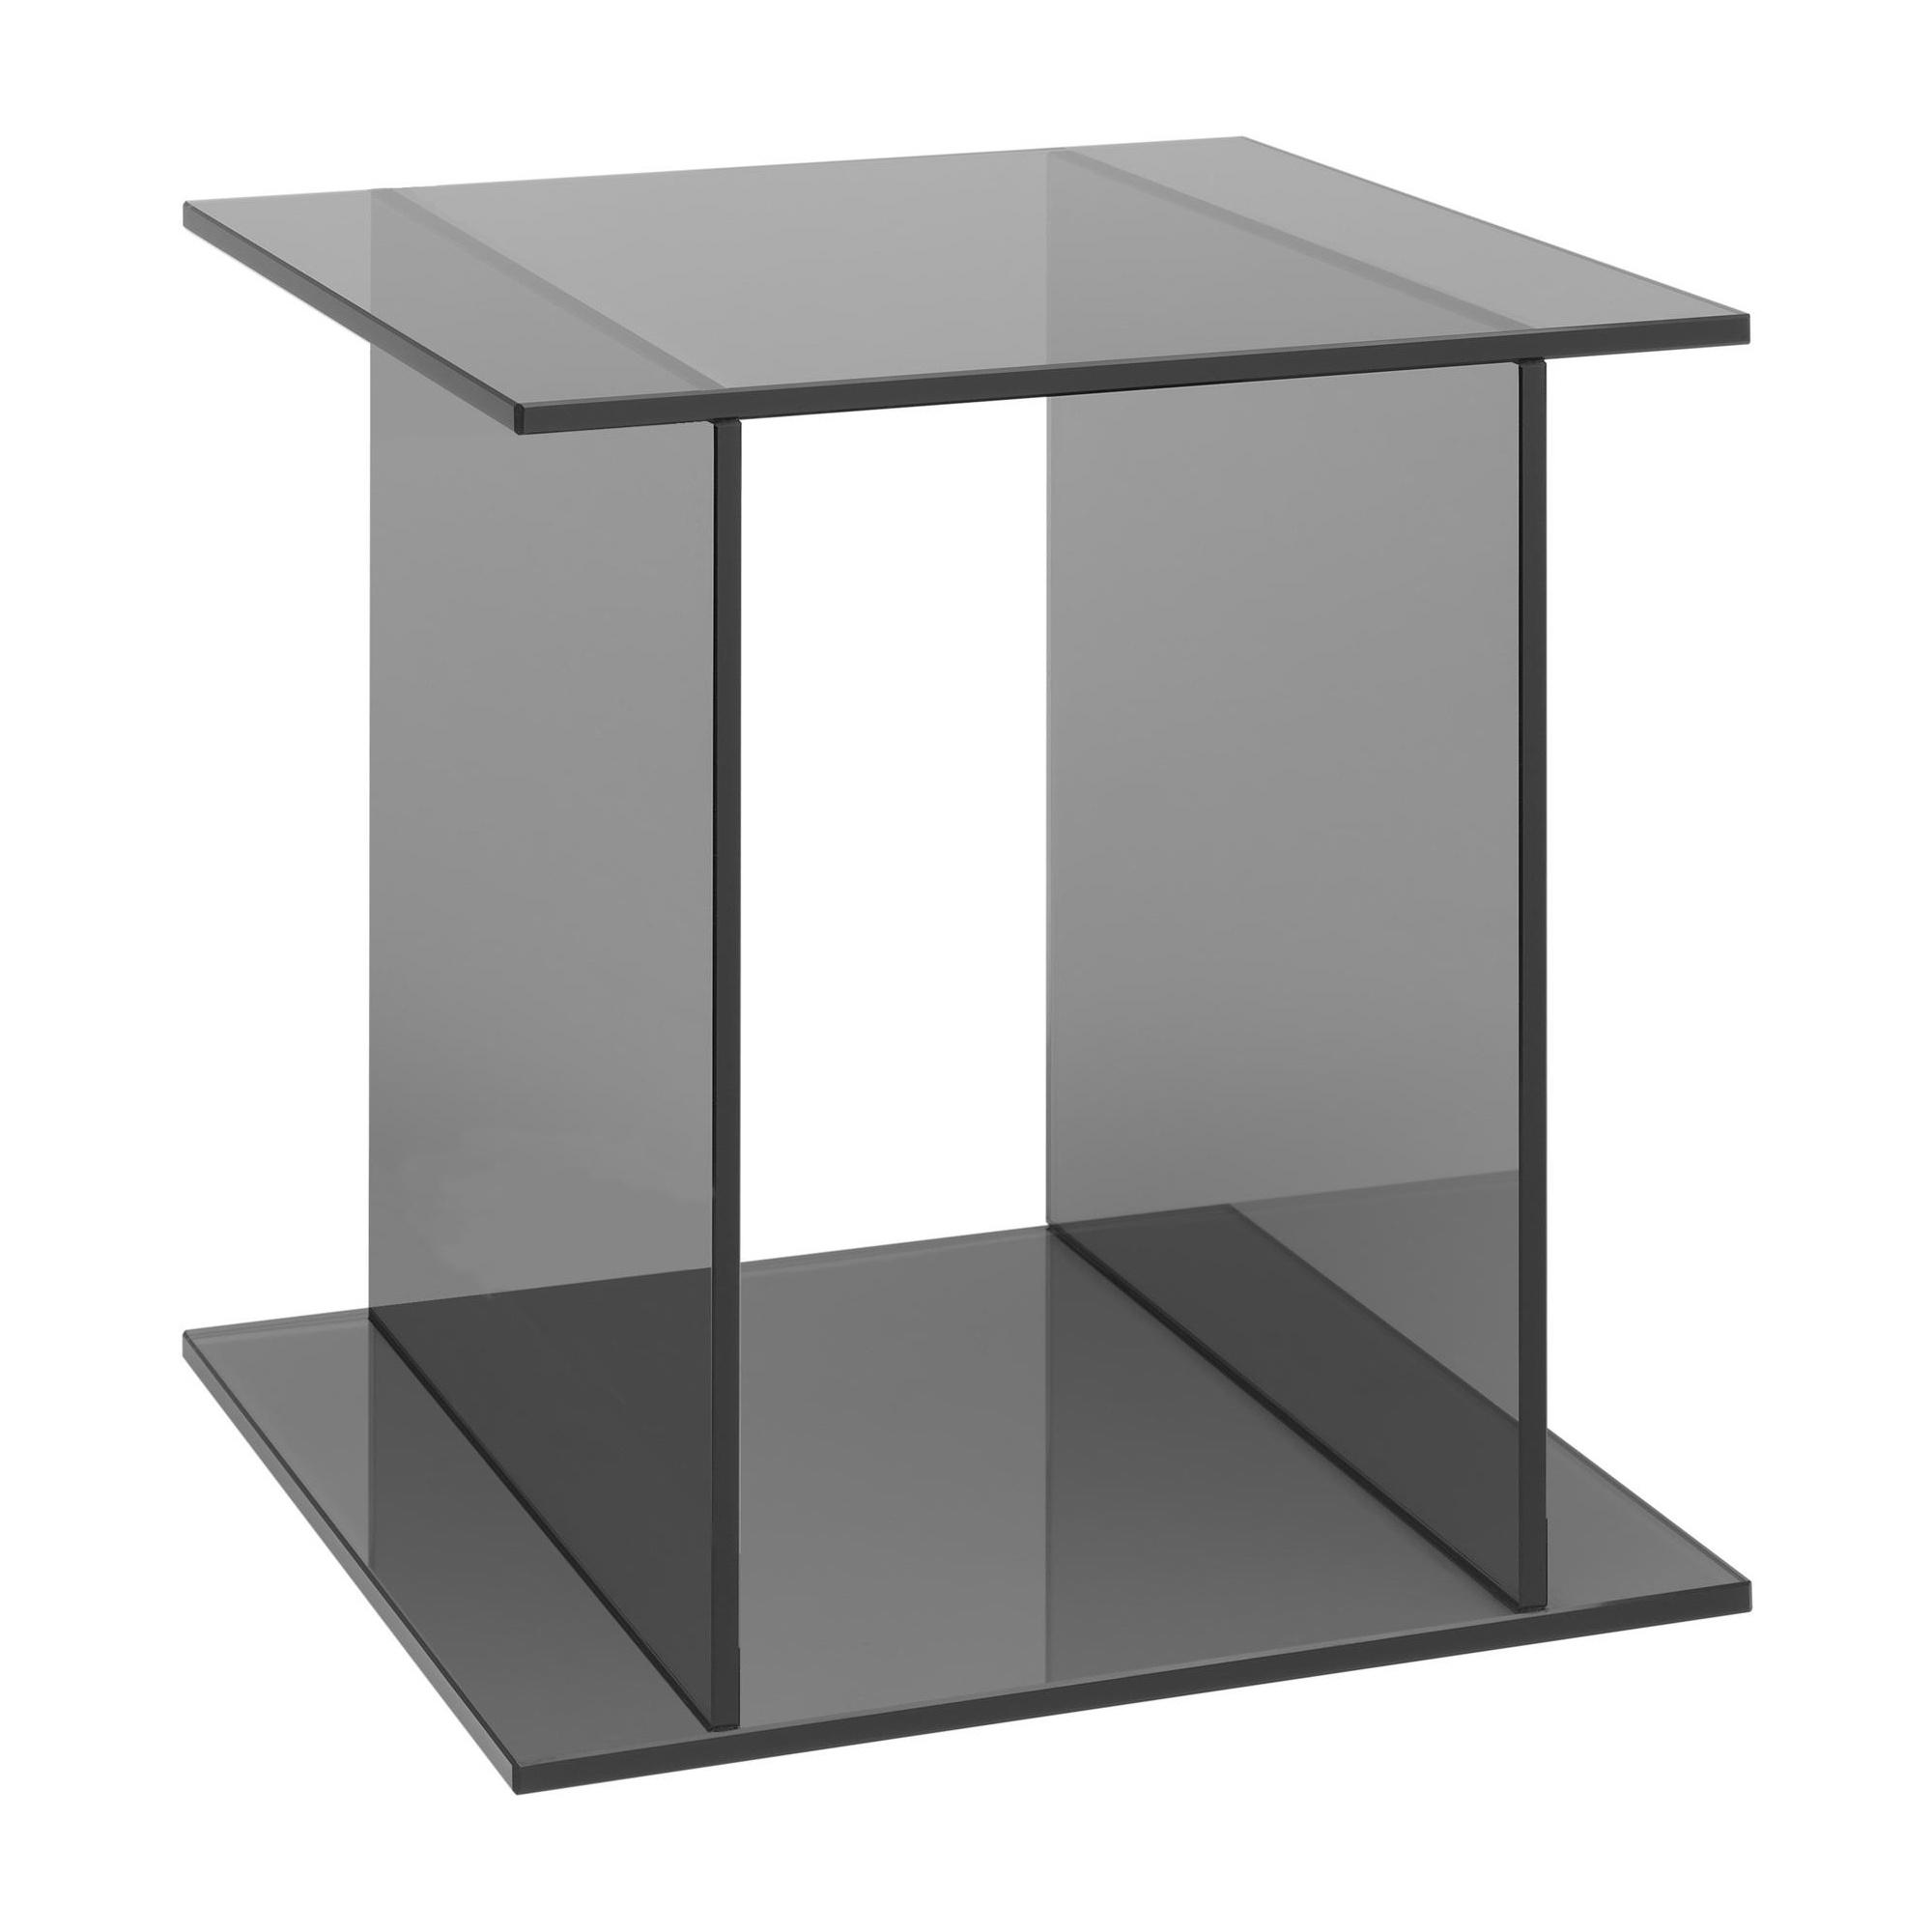 e15 - Table d'appoint Drei - gris/LxPxH 40x40x40cm